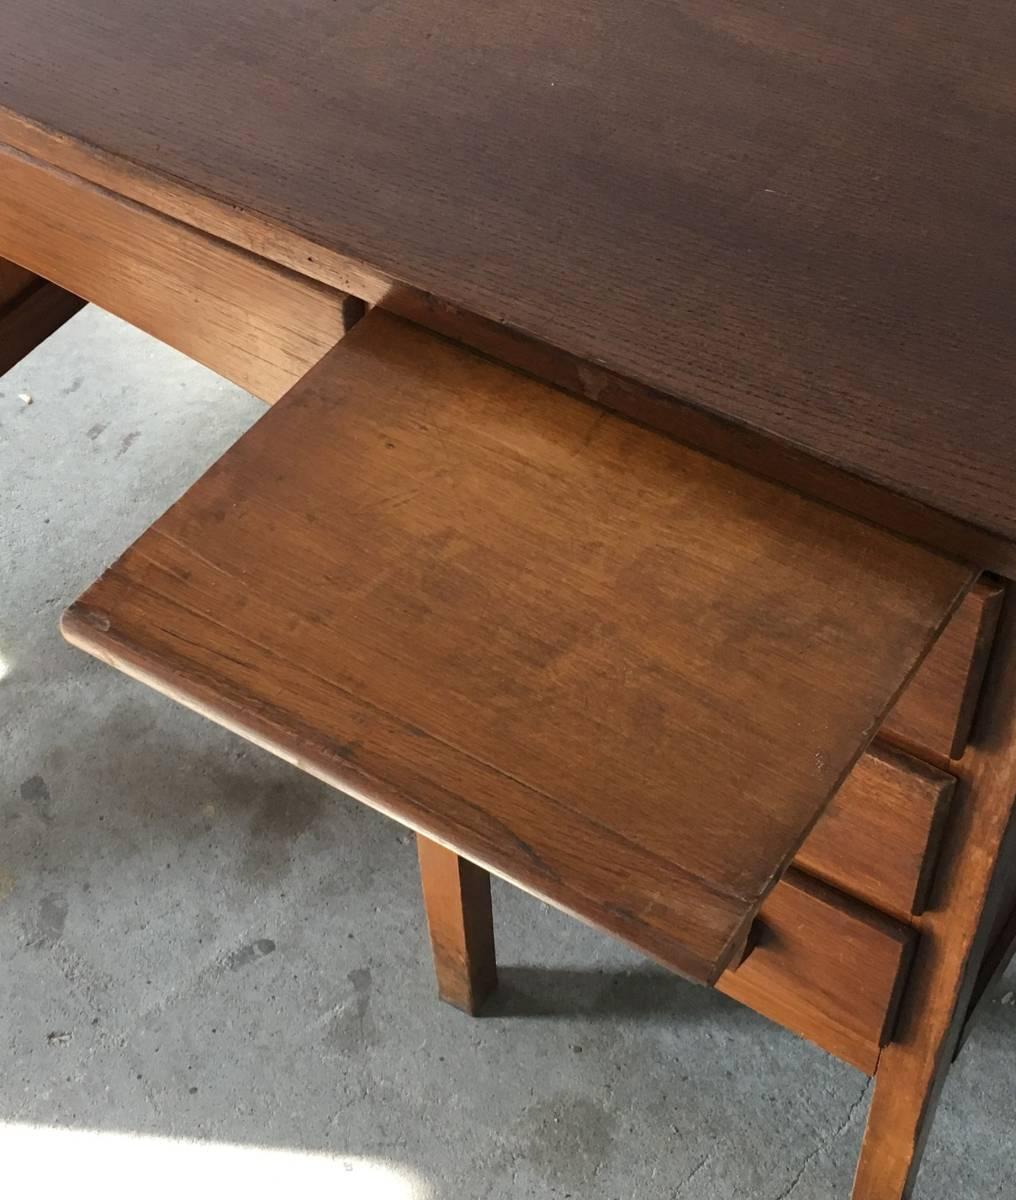 イギリス アンティーク 1940s MID CENTURY DESK オーク デスク 机 テーブル イス ビンテージ_画像7